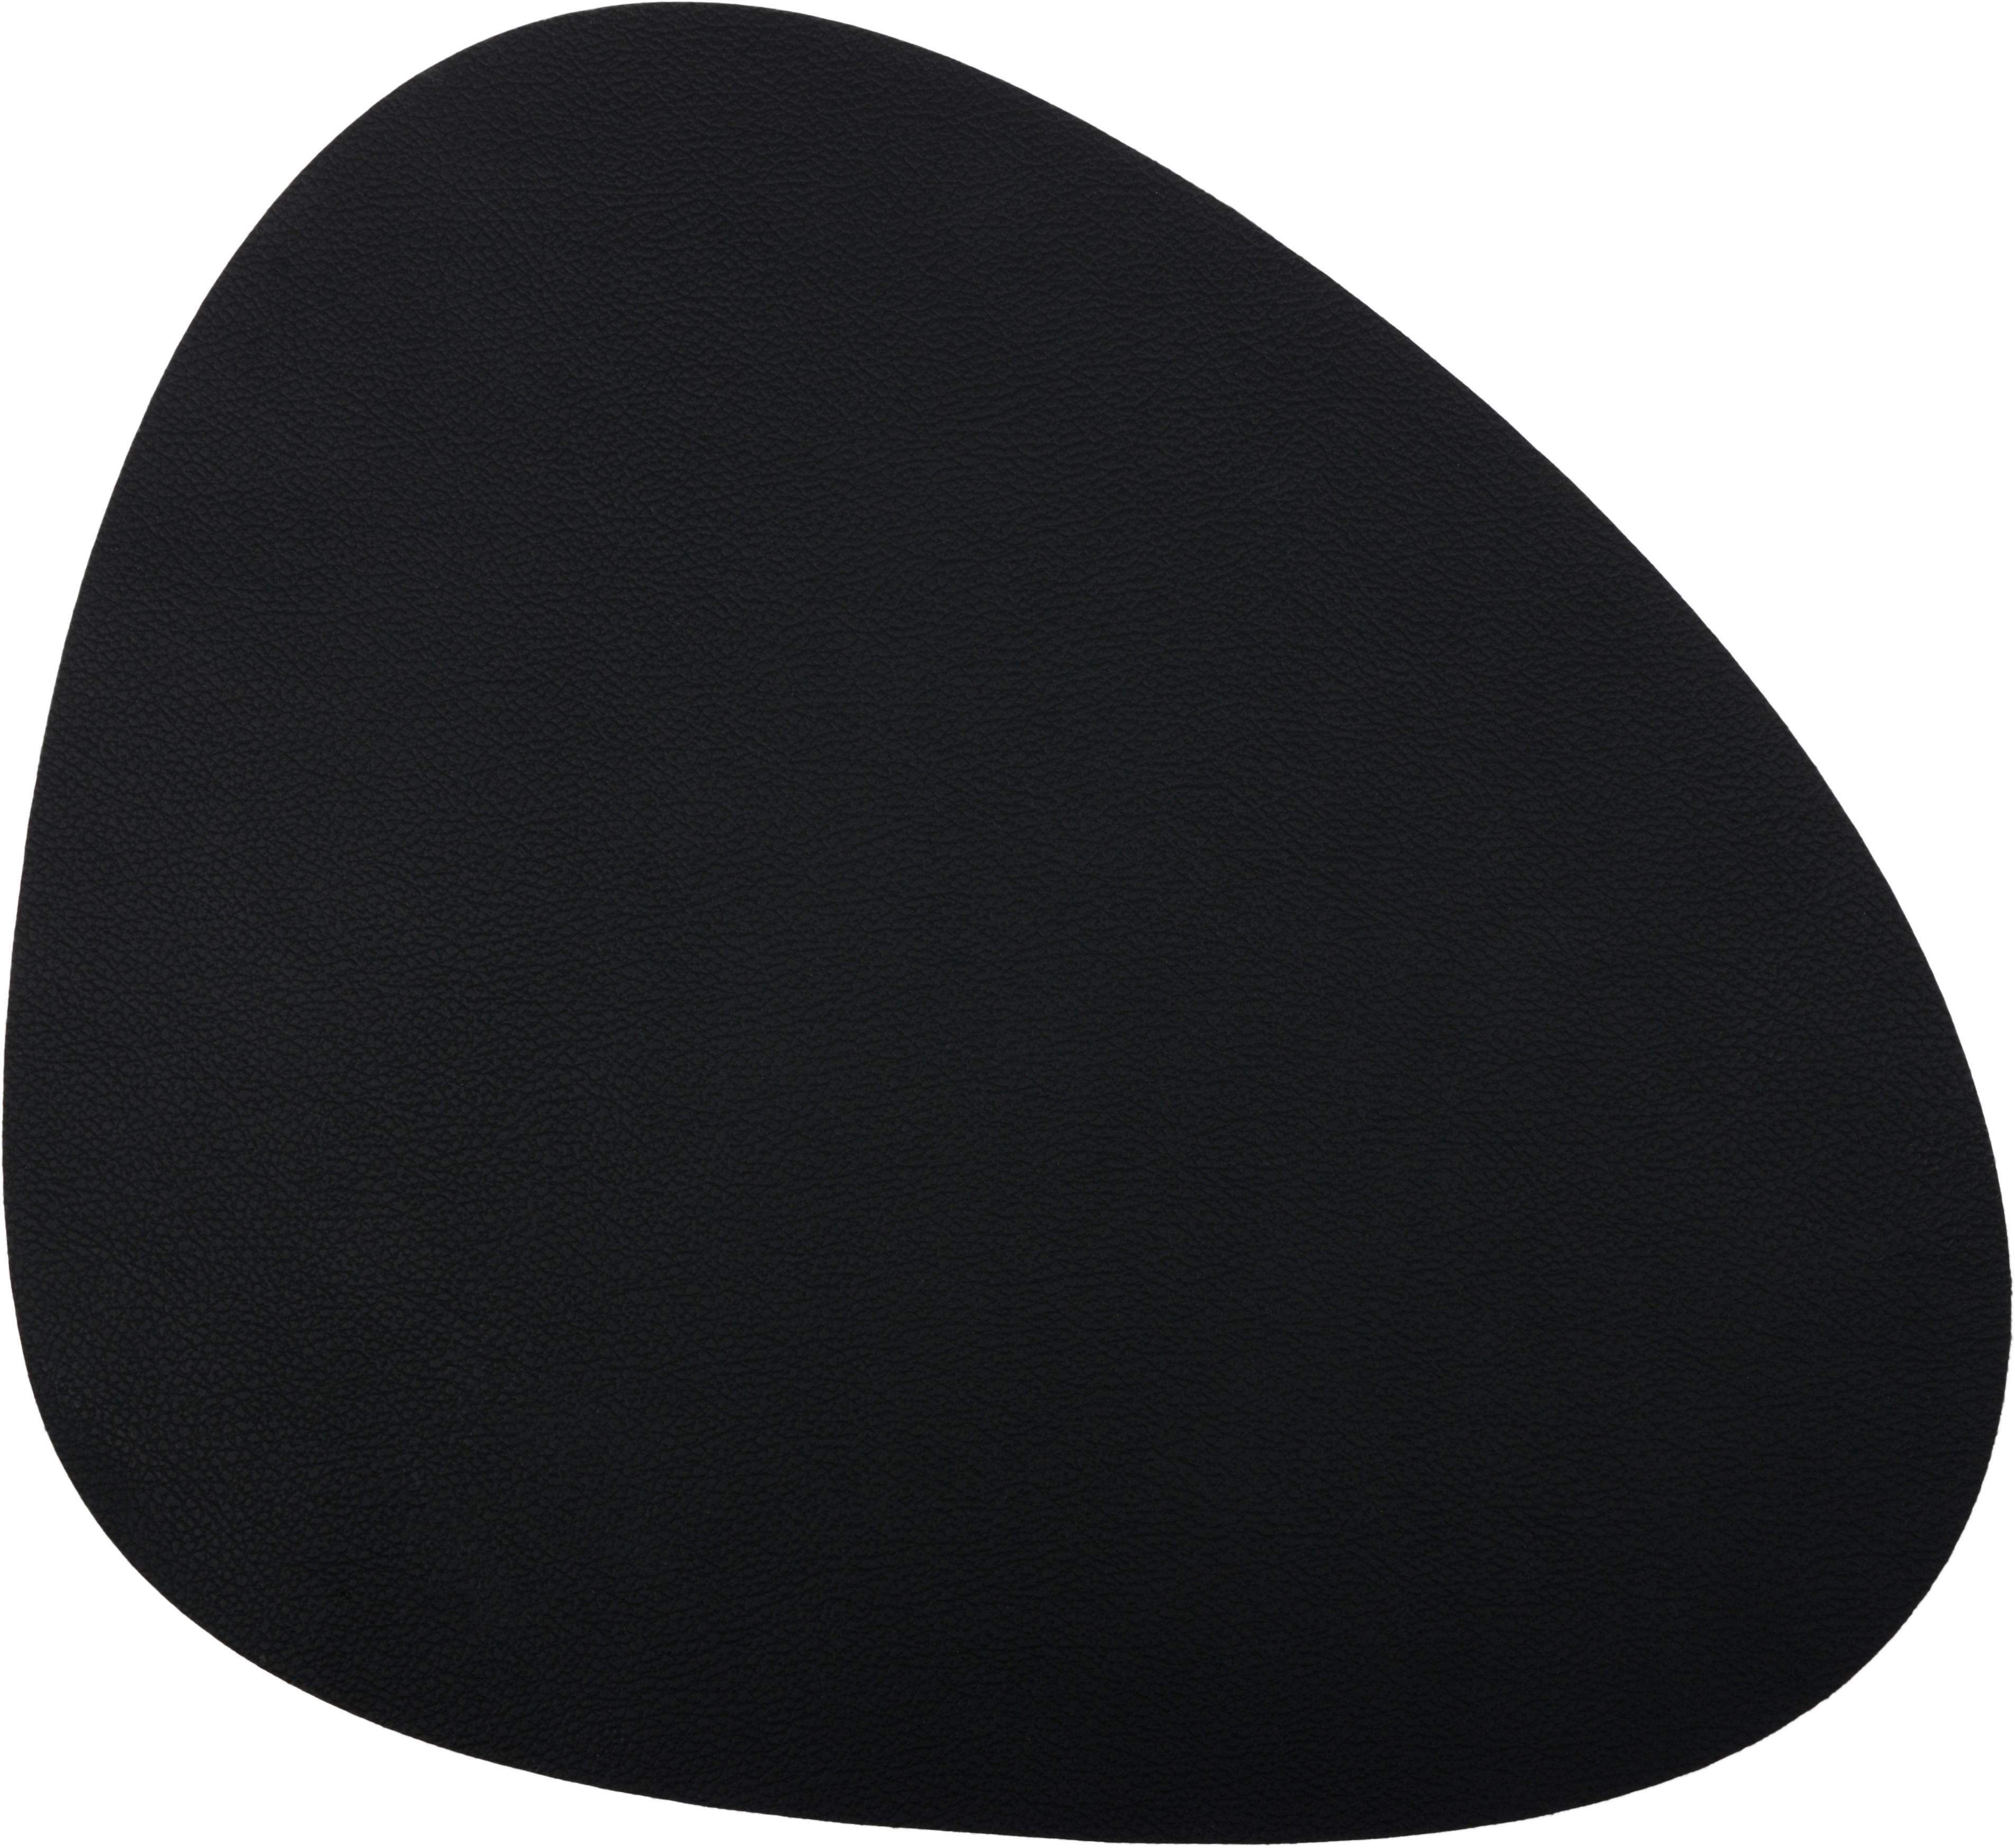 Leren placemats Leni, 2 stuks, Leer, Zwart, 33 x 40 cm